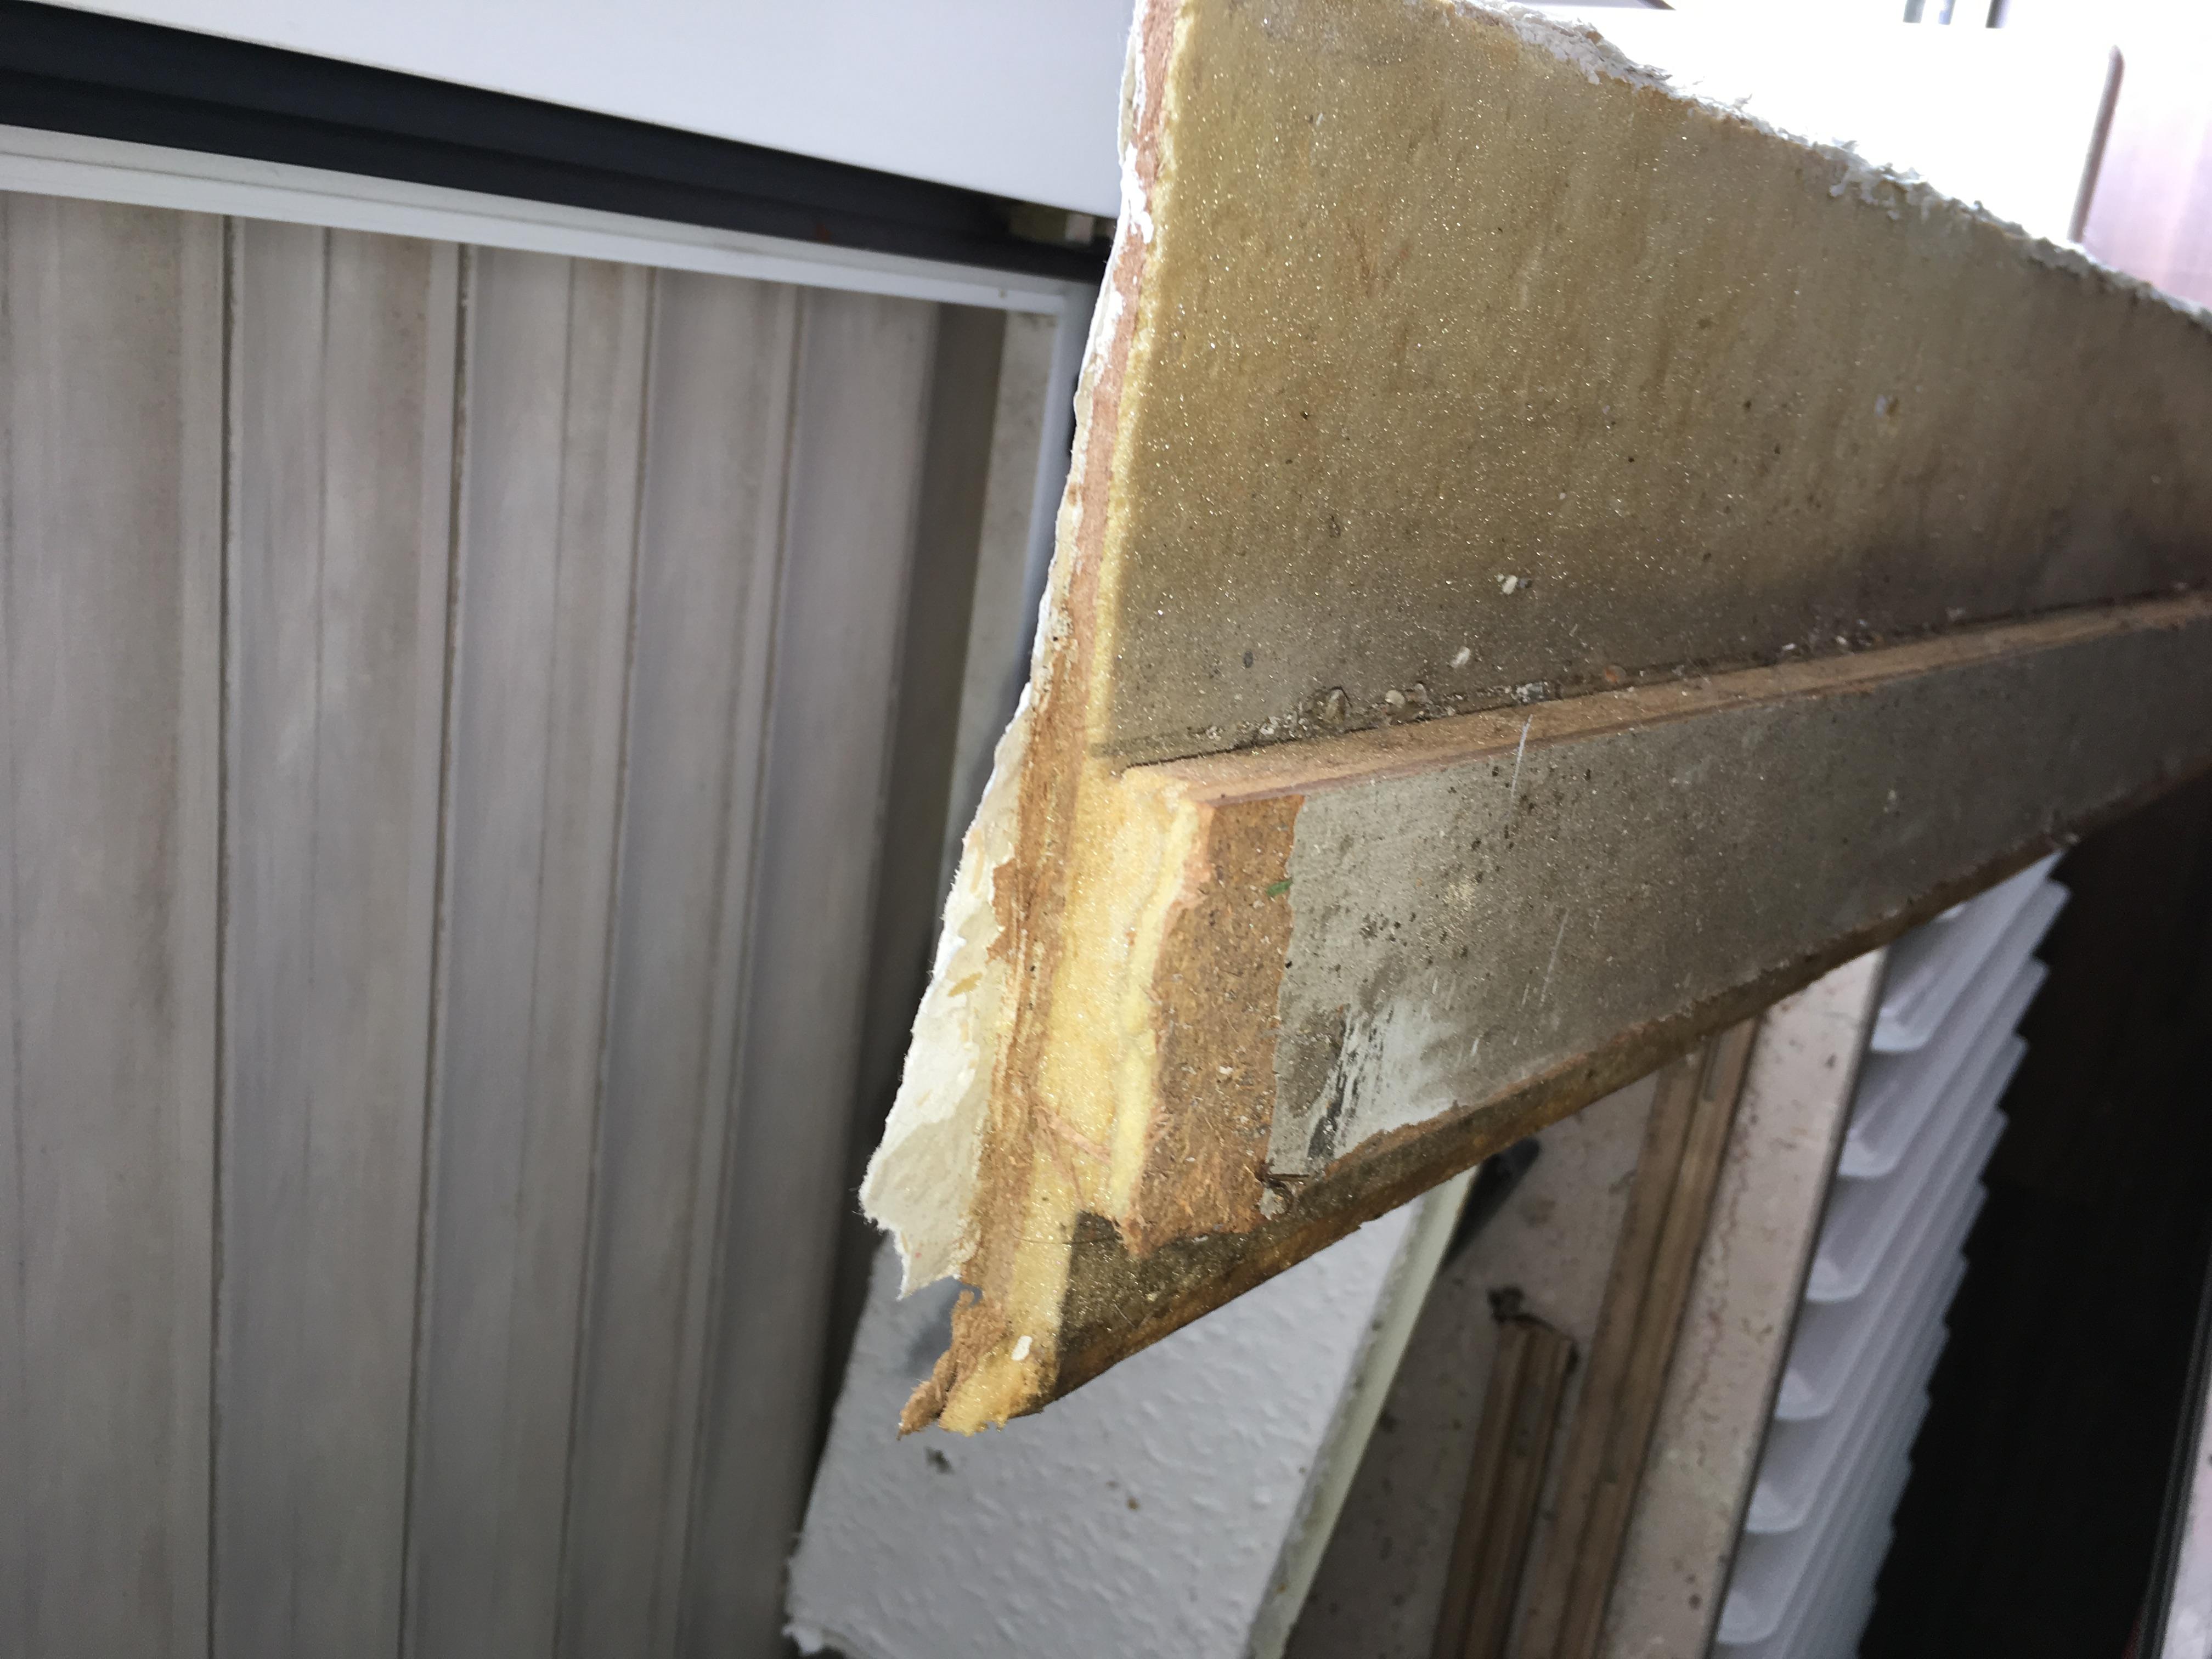 Könnte es sich hierbei um Asbest handeln (Bilder)? (Gesundheit ...